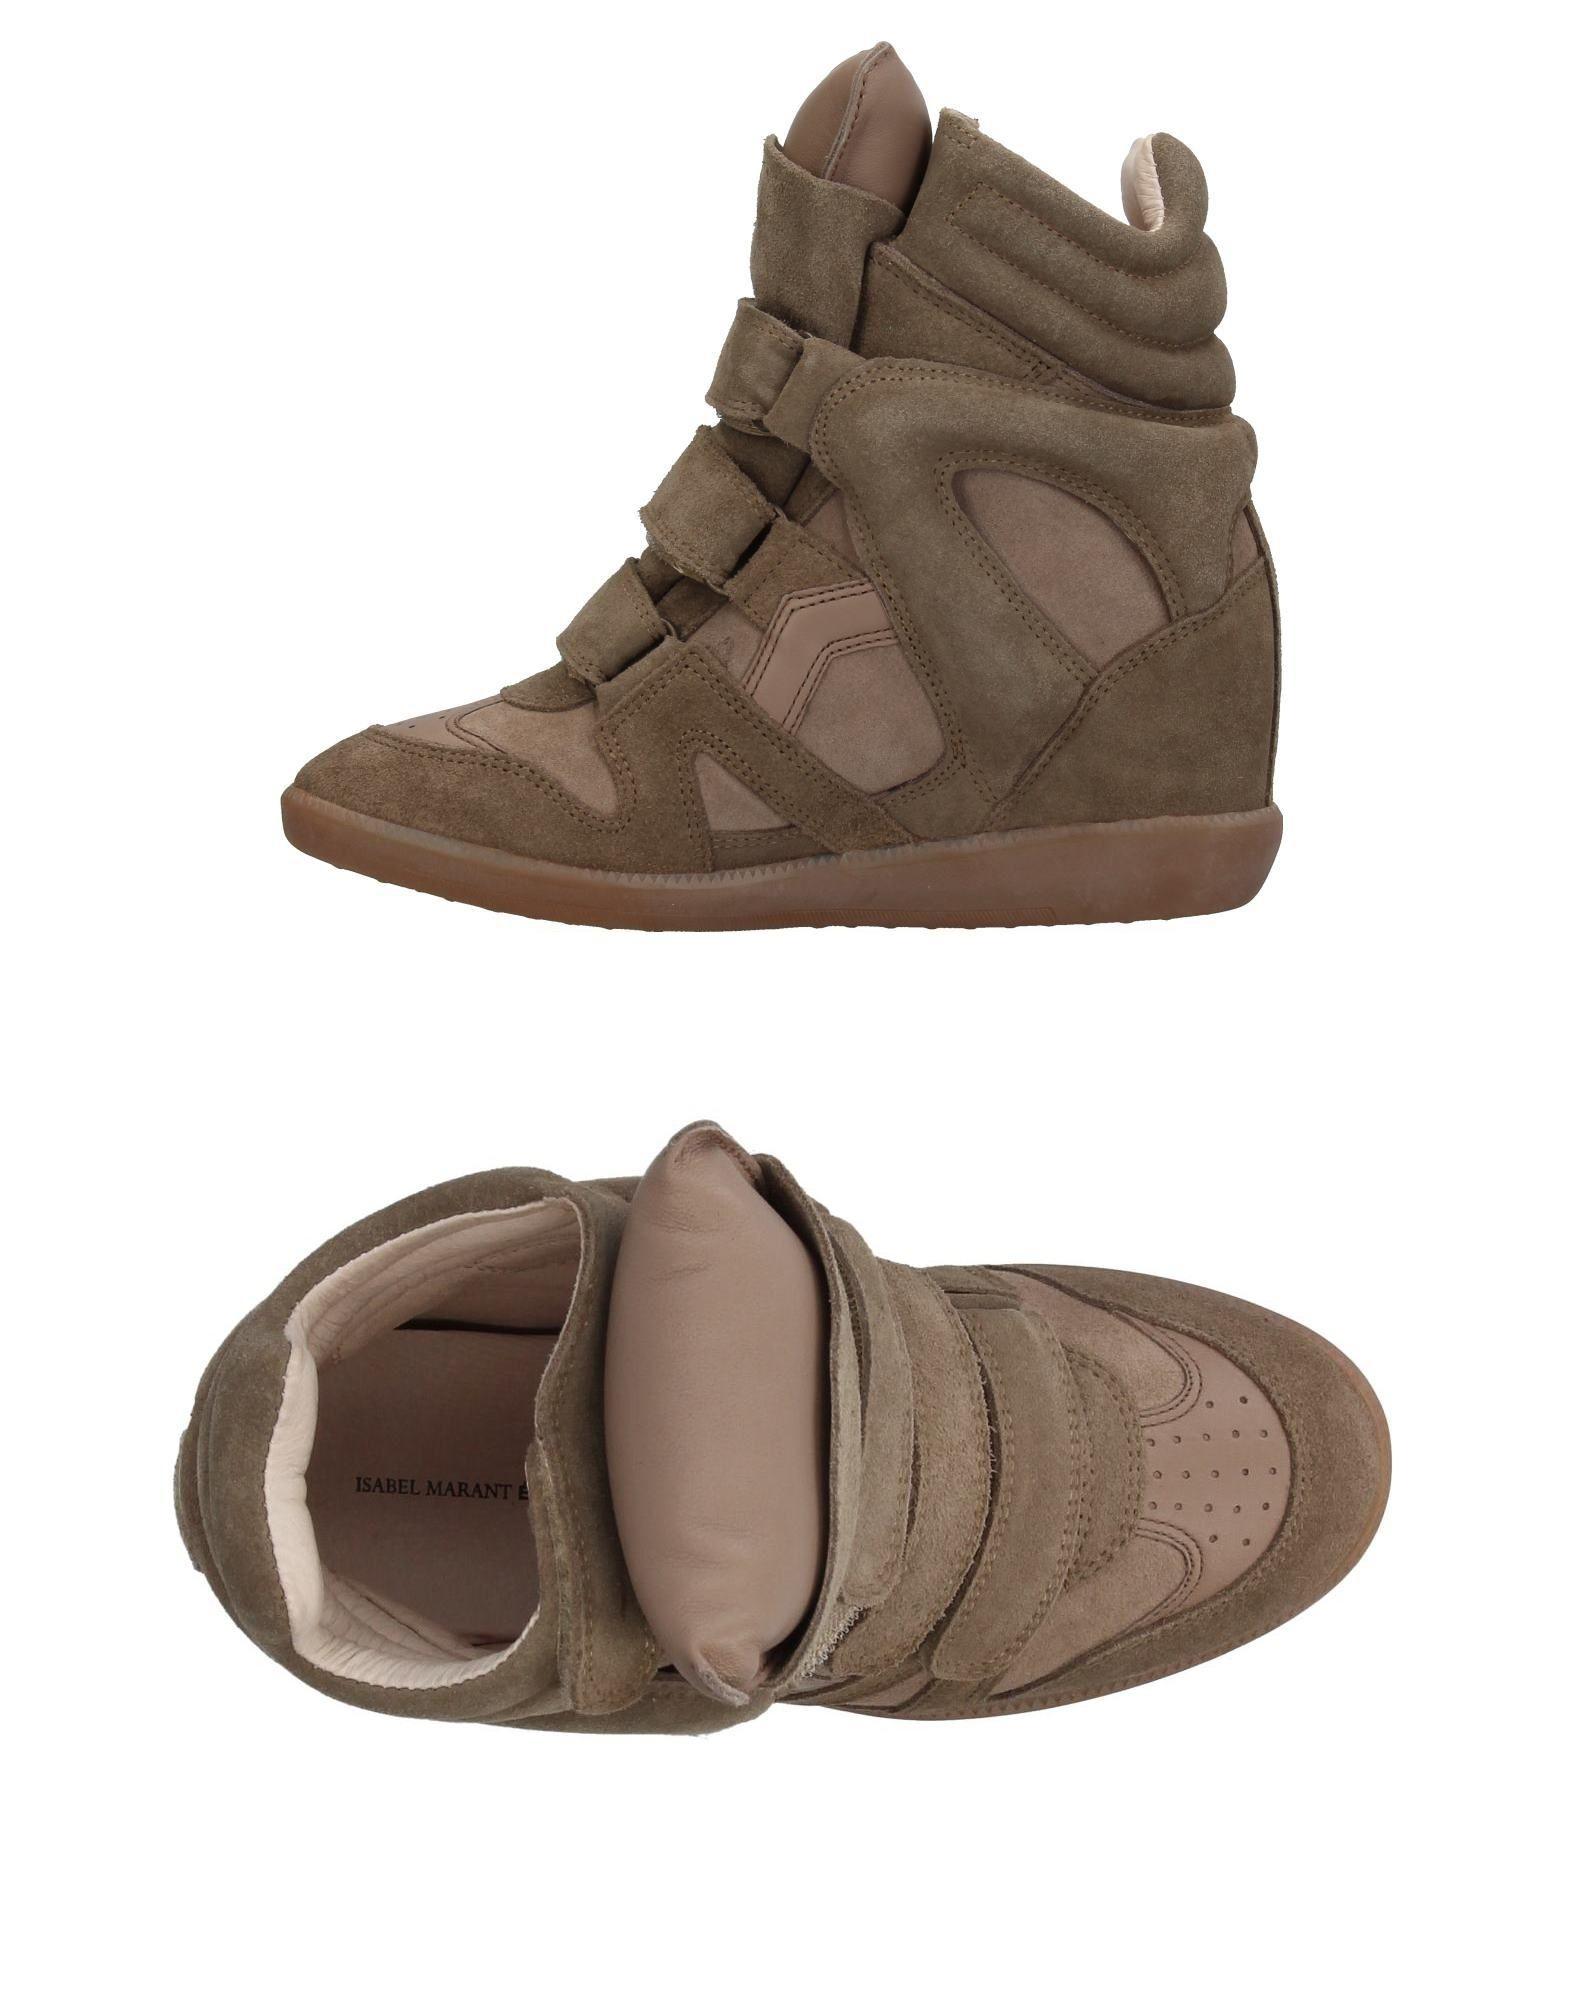 Rabatt Schuhe Isabel Marant Étoile Sneakers Damen  11289710IK